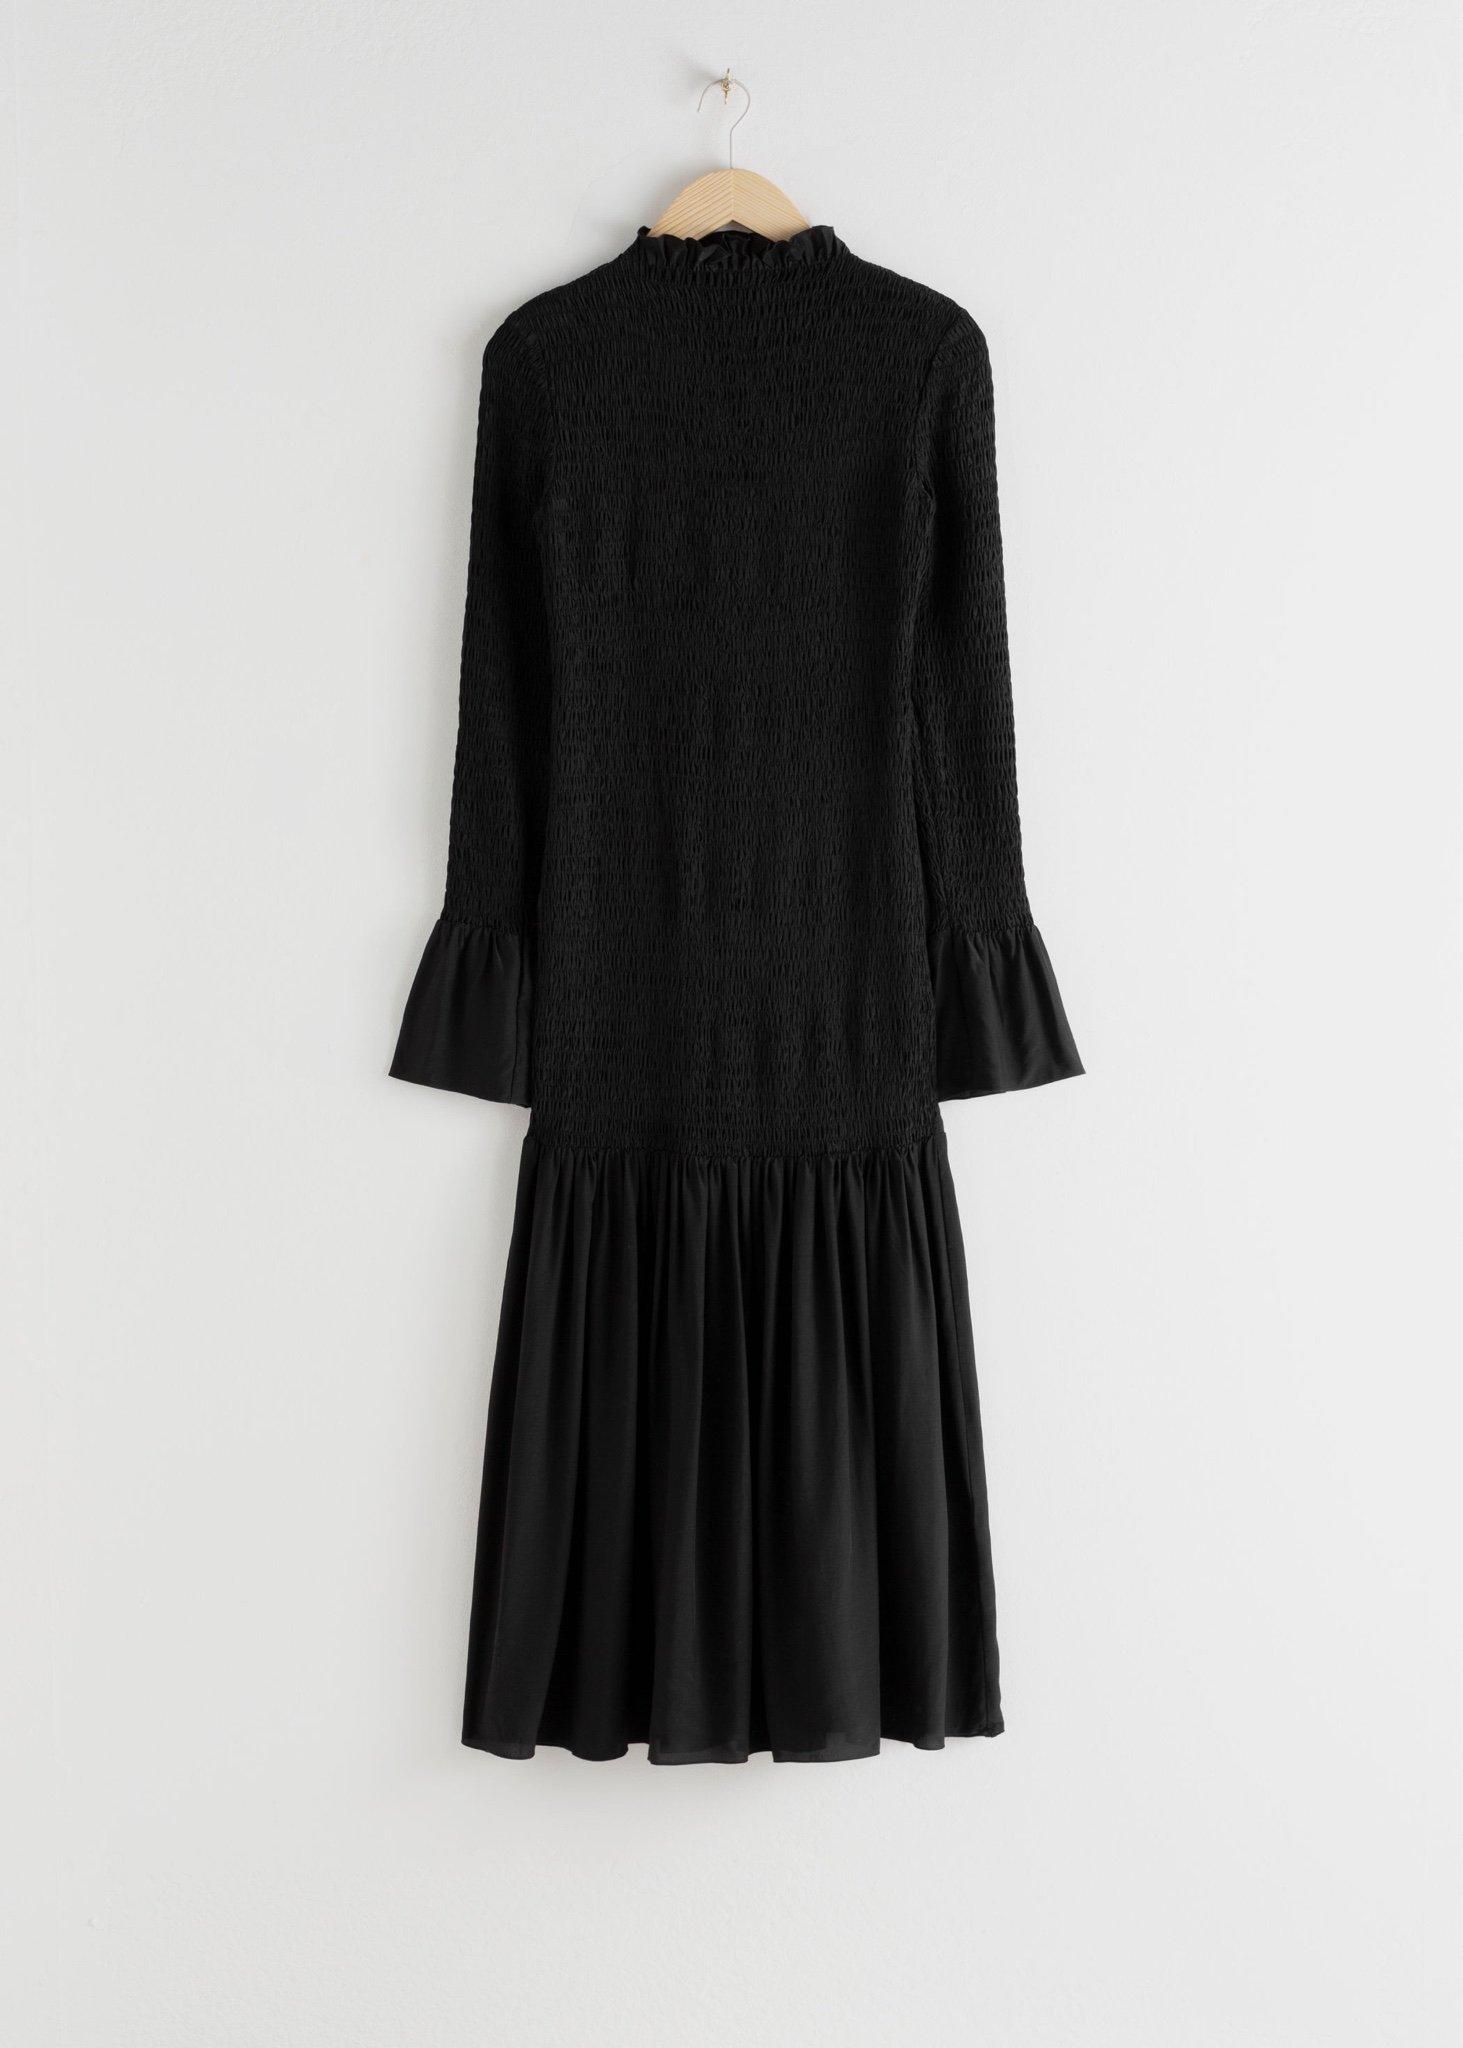 Other Stories klänning strl 34 helt ny (407286873) ᐈ Köp på